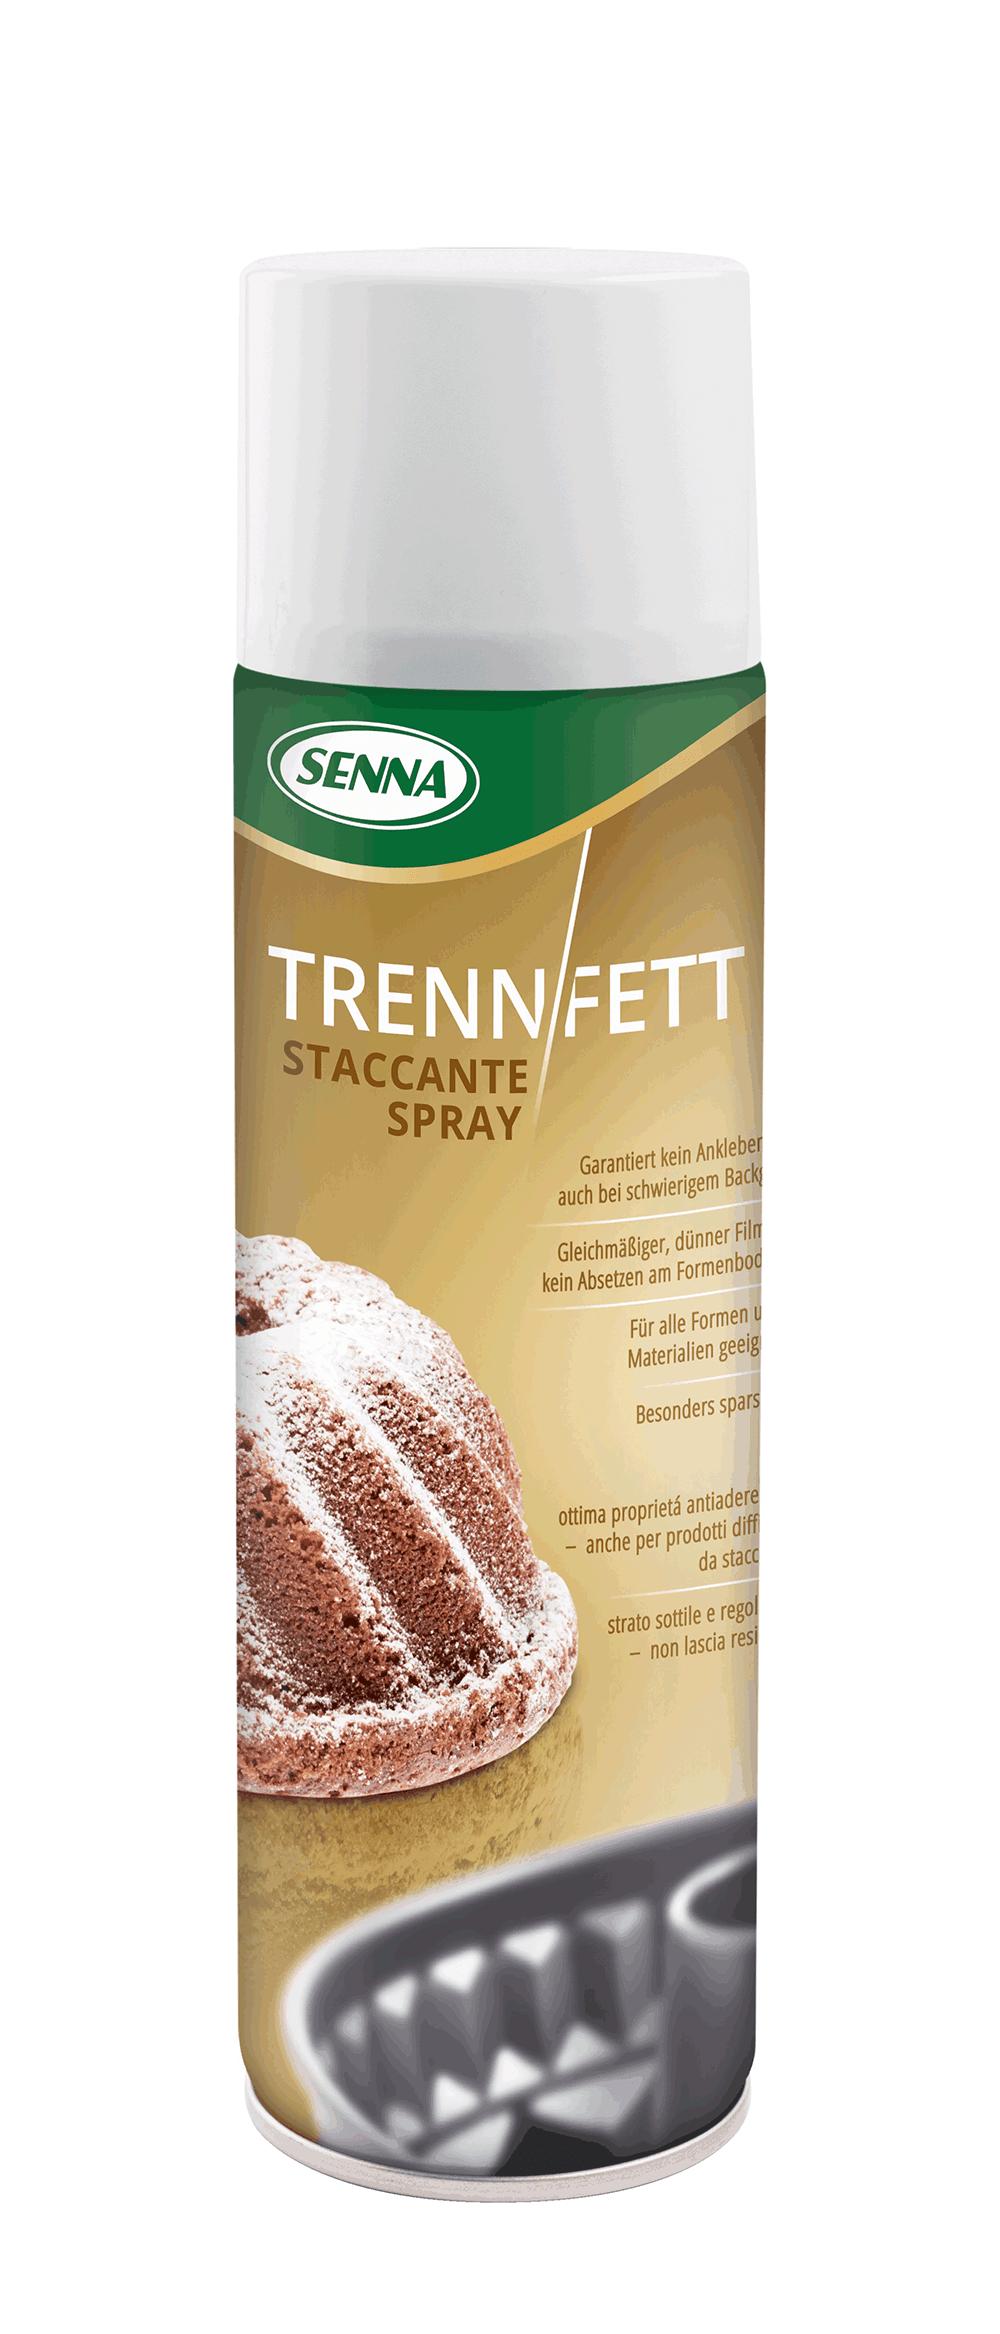 1243230 Senna Trennfettspray